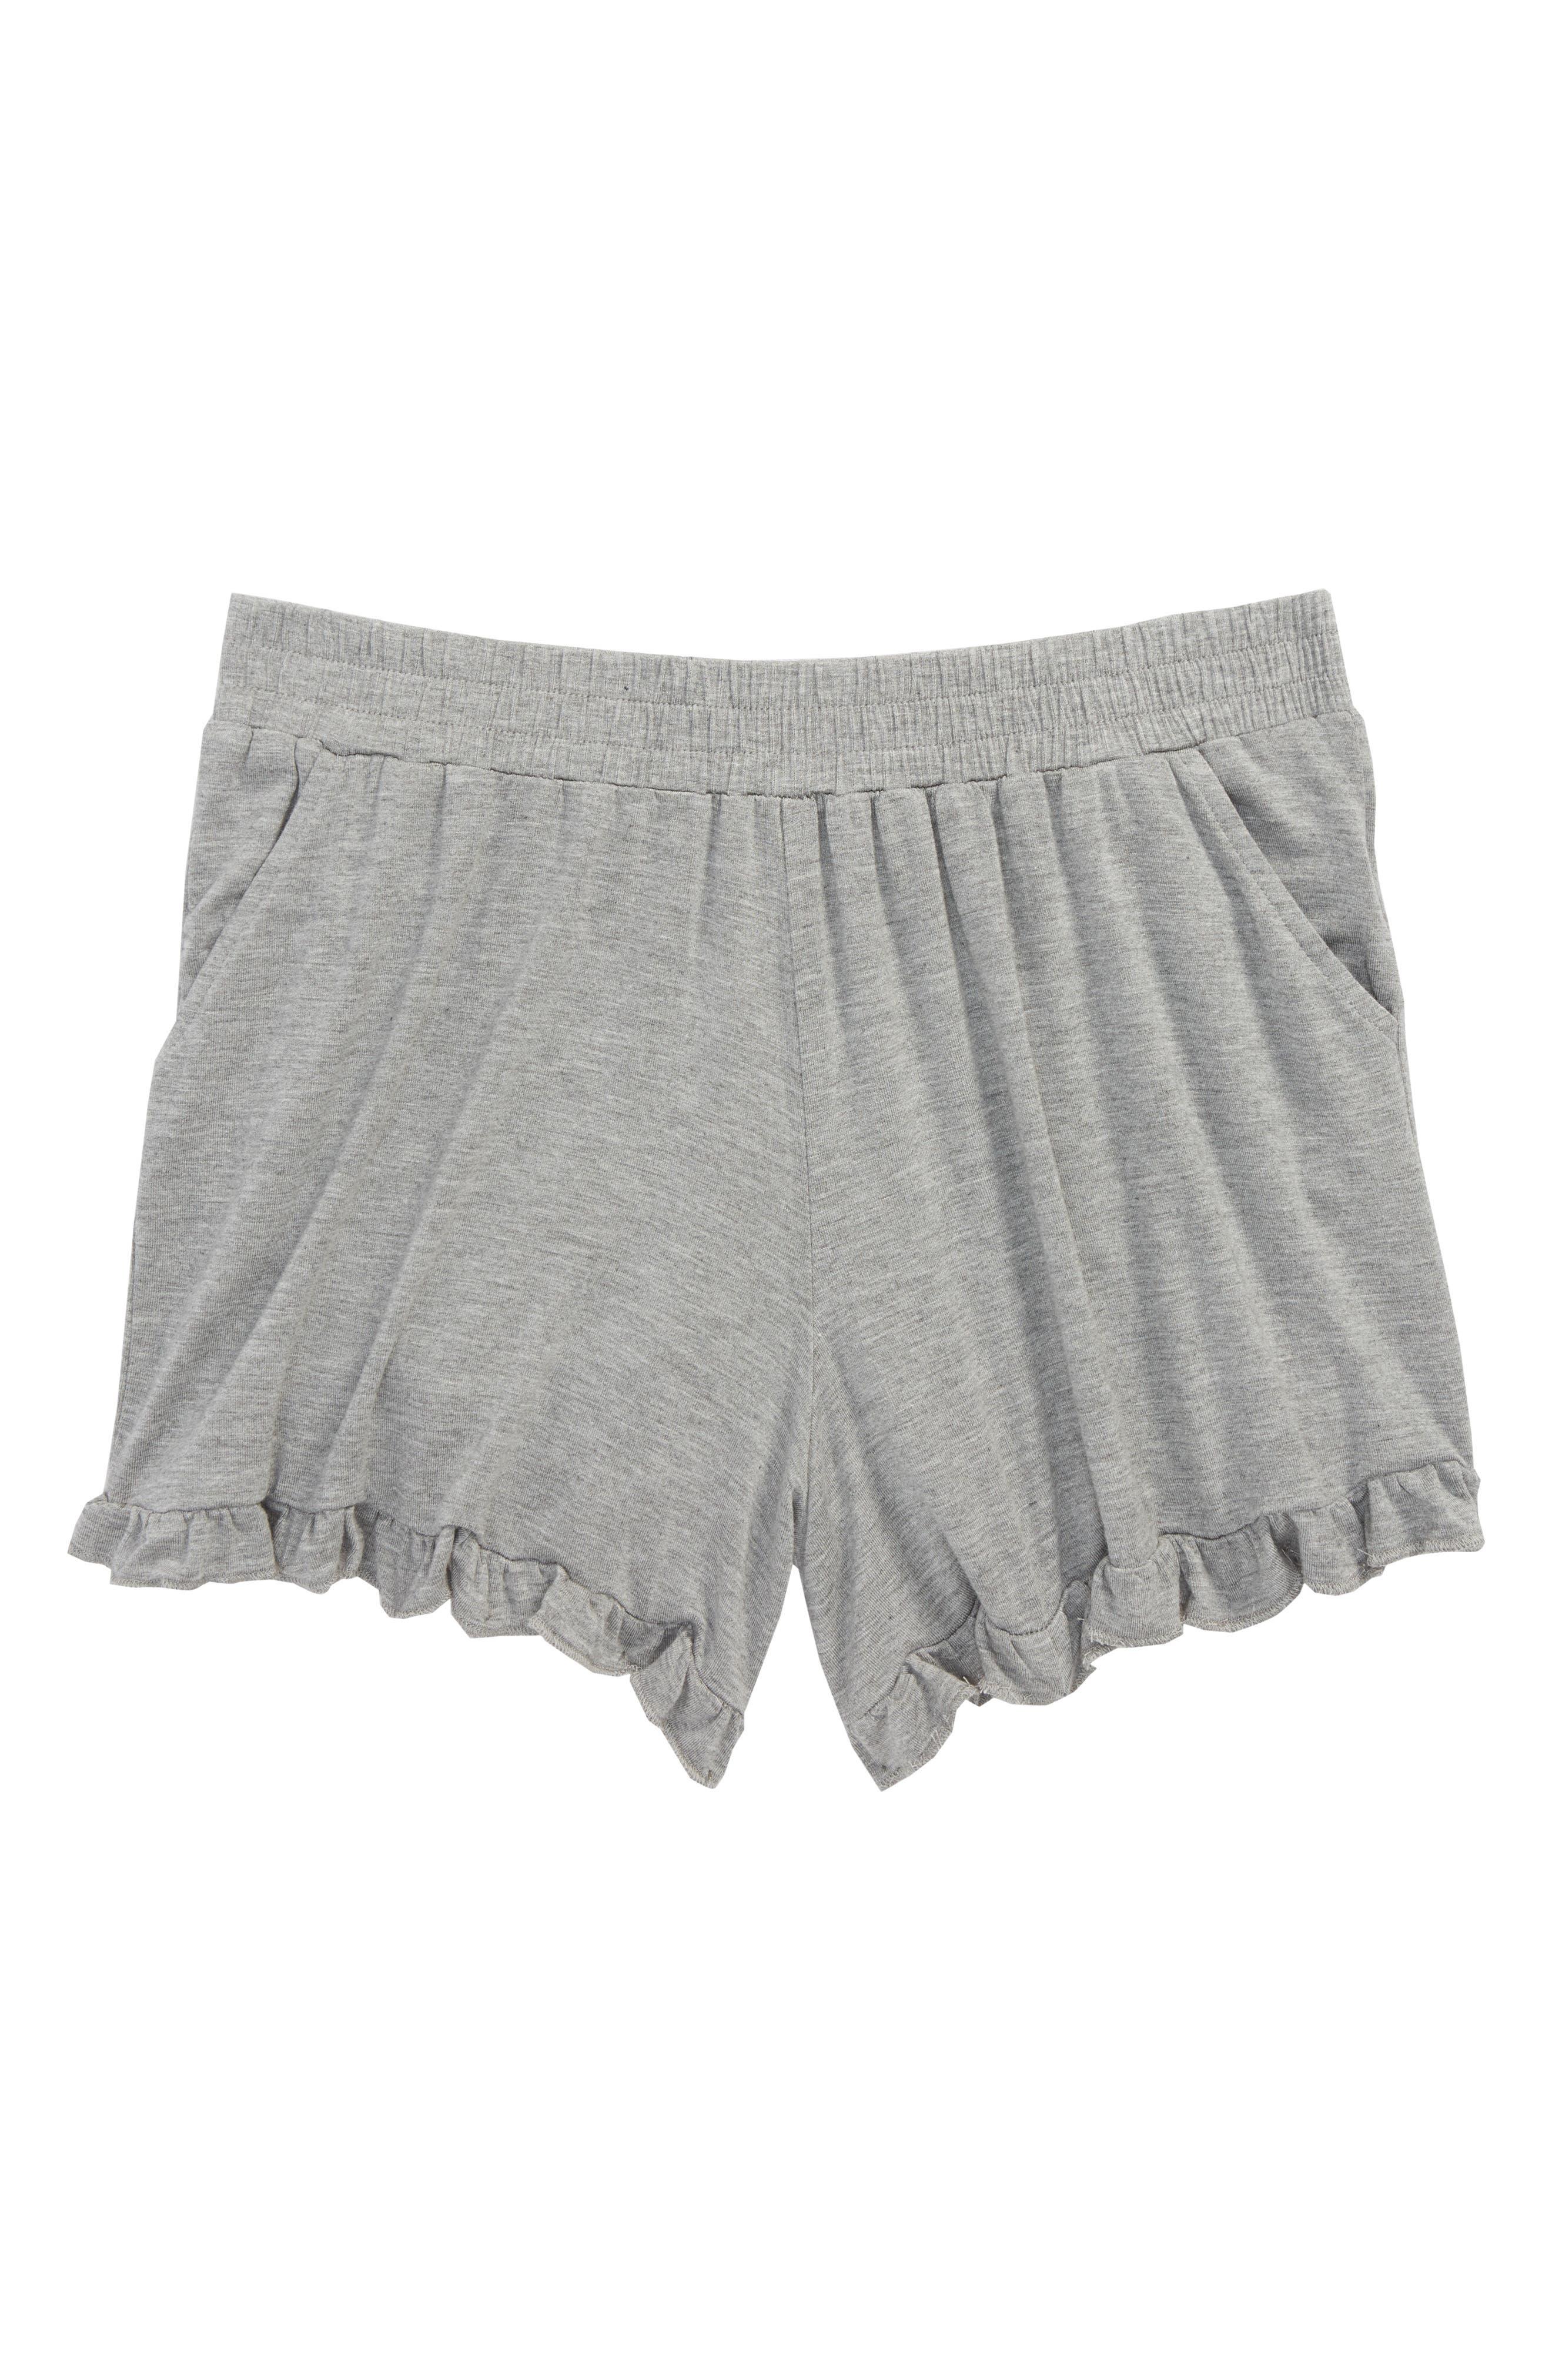 Ruffle Shorts,                         Main,                         color, 030